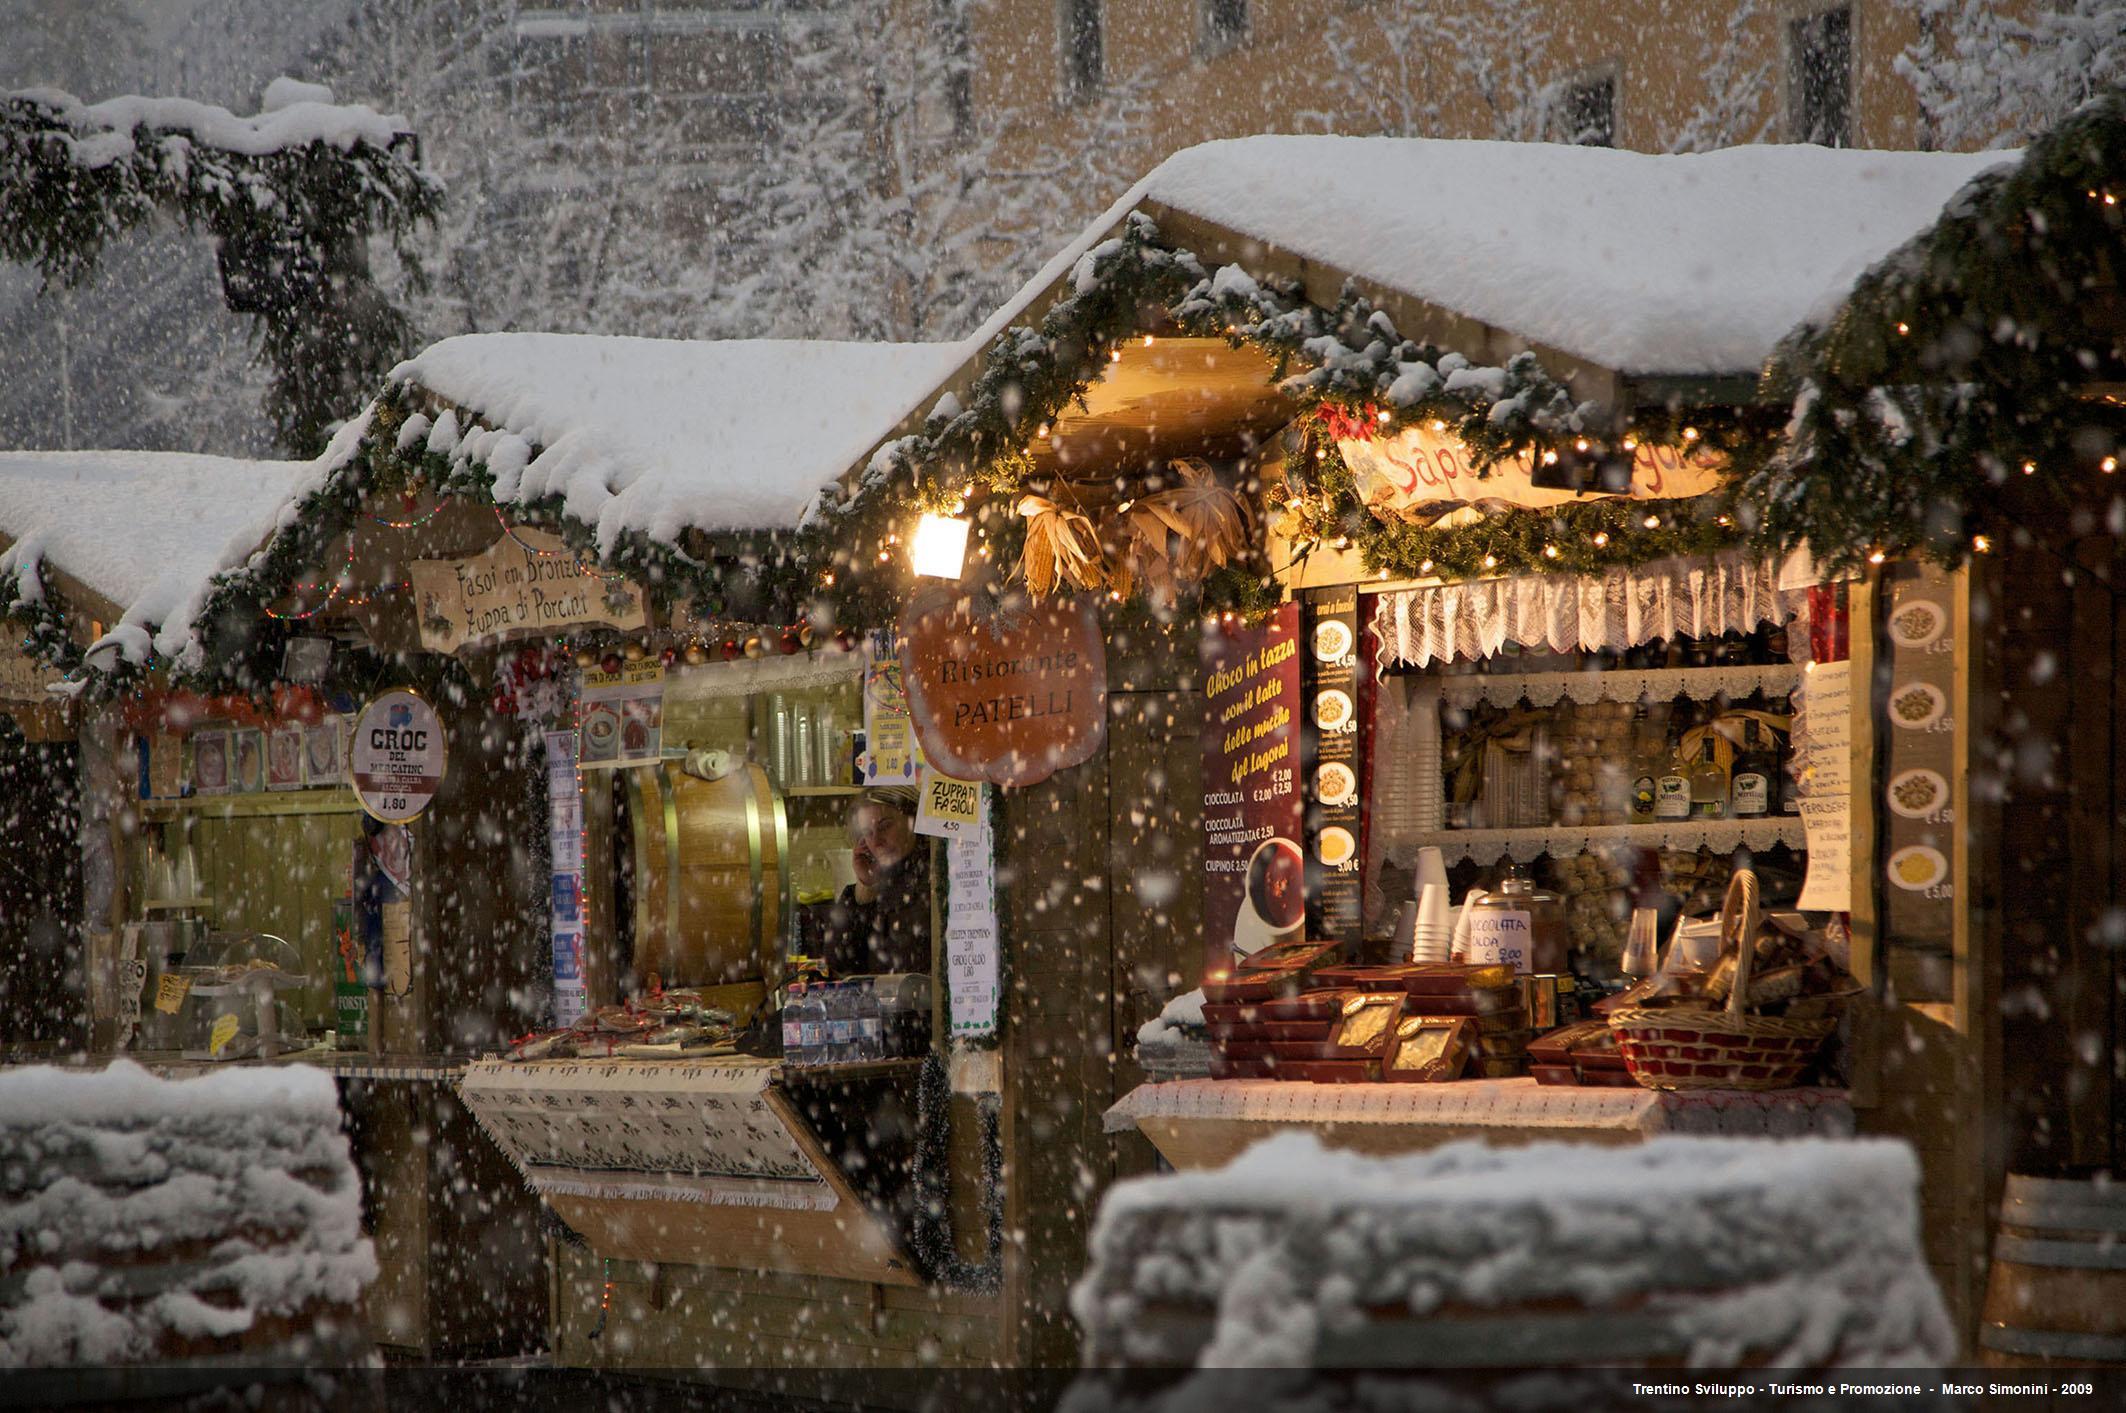 Mercatini di Natale in Alto Adige il fascino dellartigianato locale  Blog per Viaggiatori